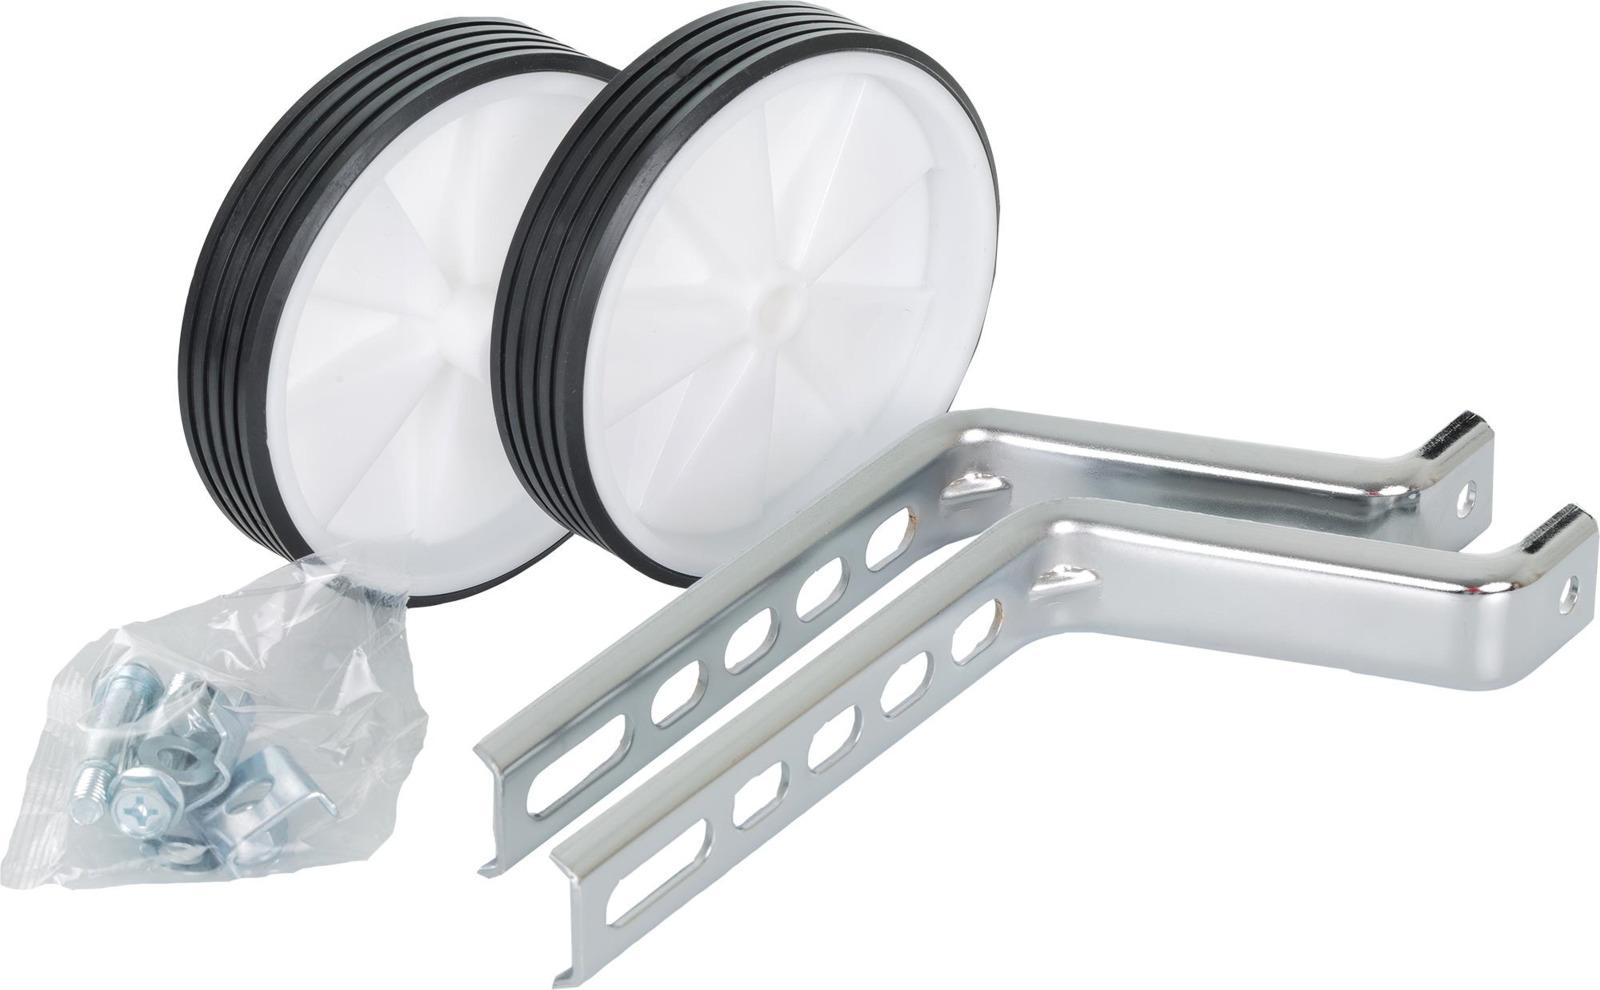 Боковые колеса Stern CM-284-H20 T, серебряный, 2-20